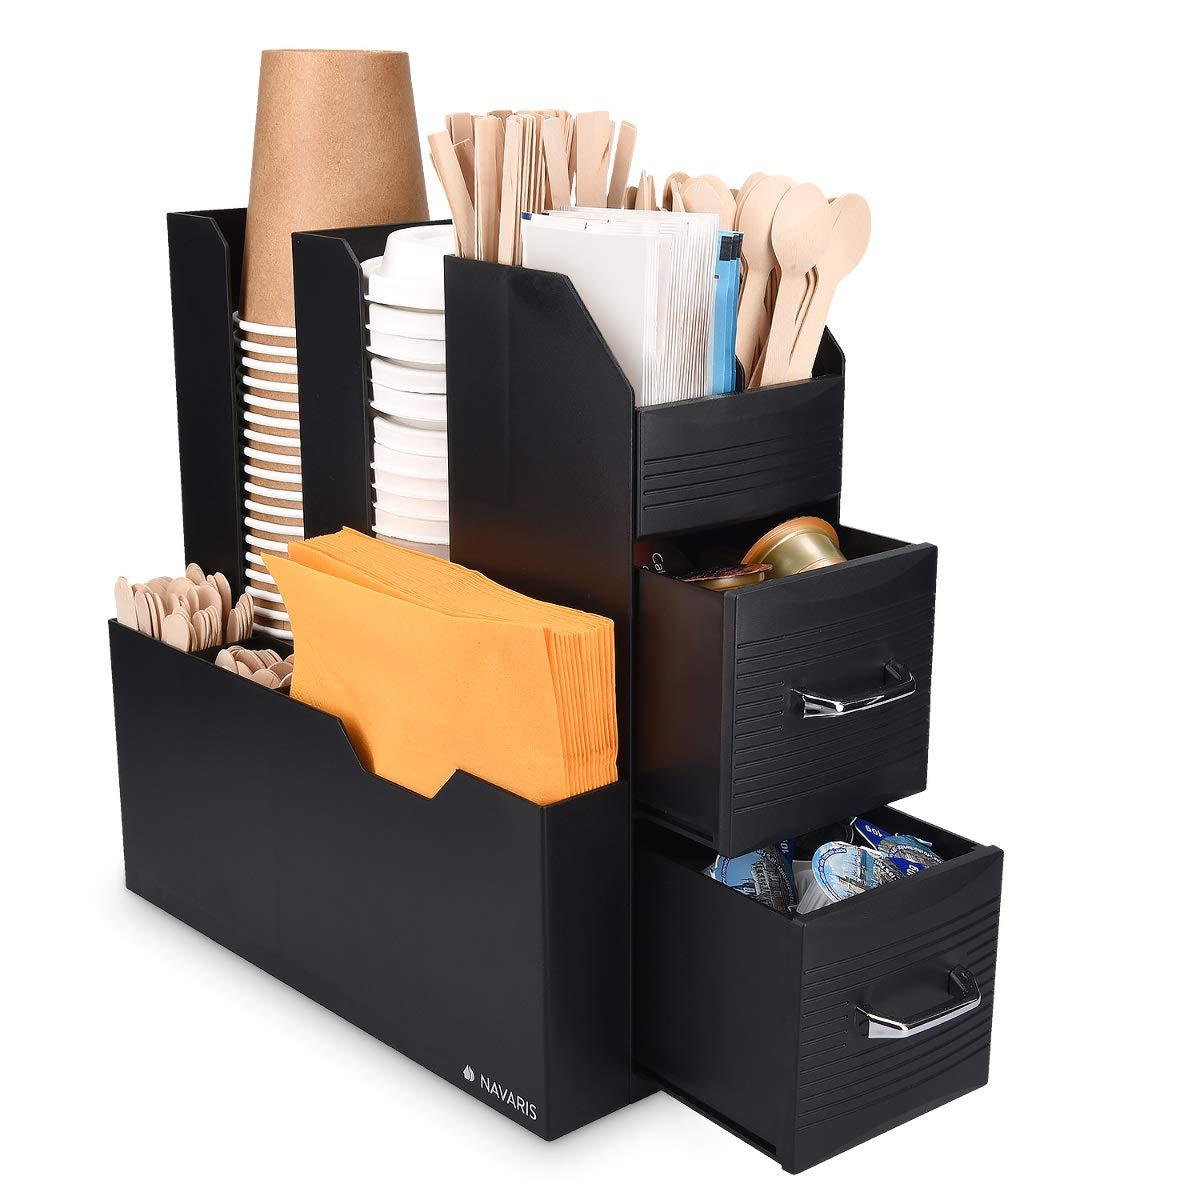 Navaris Organizador para café - Caja para organizar cápsulas Tazas Vasos Sobres de azúcar o de té - Bandeja de almacenaje con Compartimentos: Amazon.es: Hogar